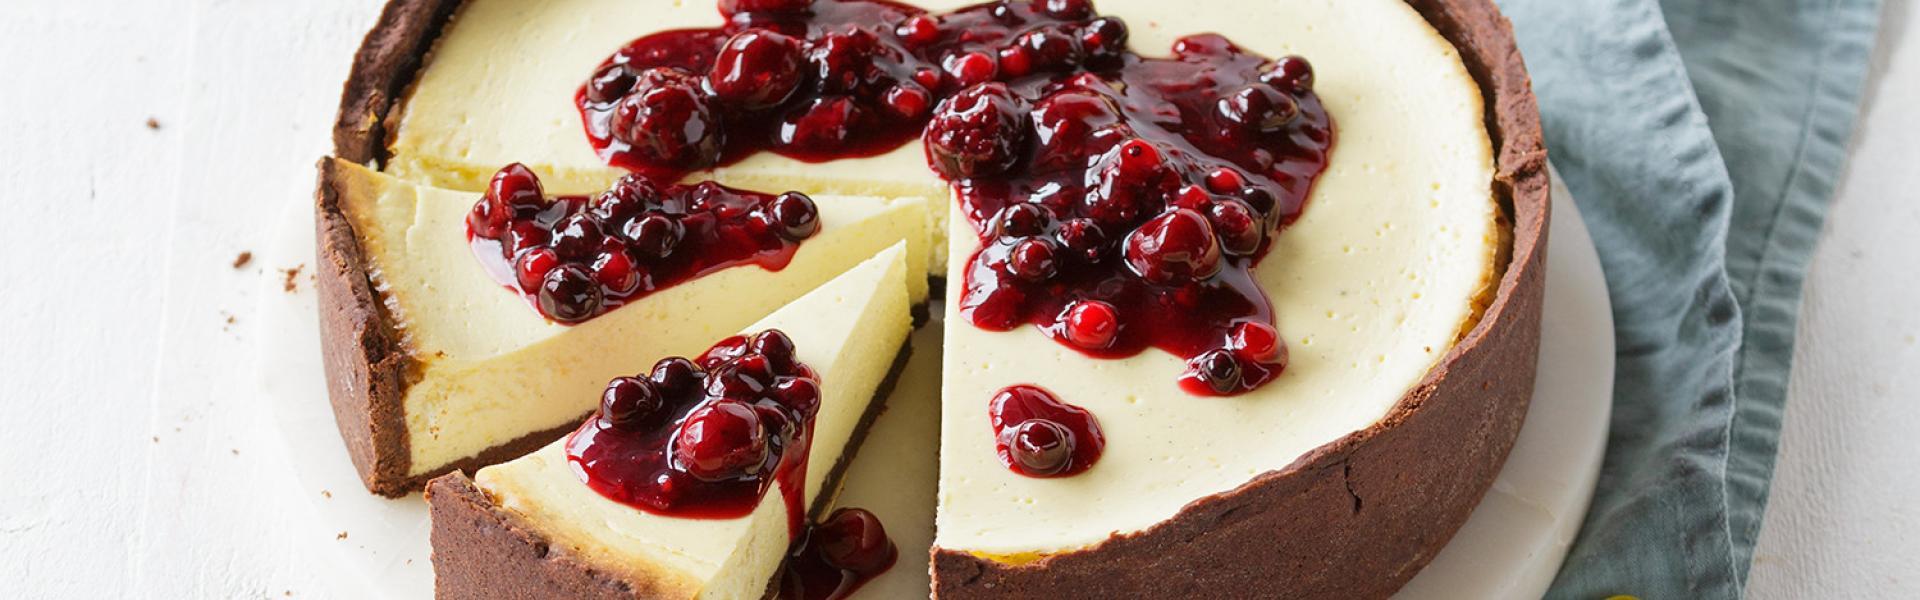 Angeschnittener Käsekuchen mit Schokoboden und Beeren-Topping auf einer Kuchenplatte.